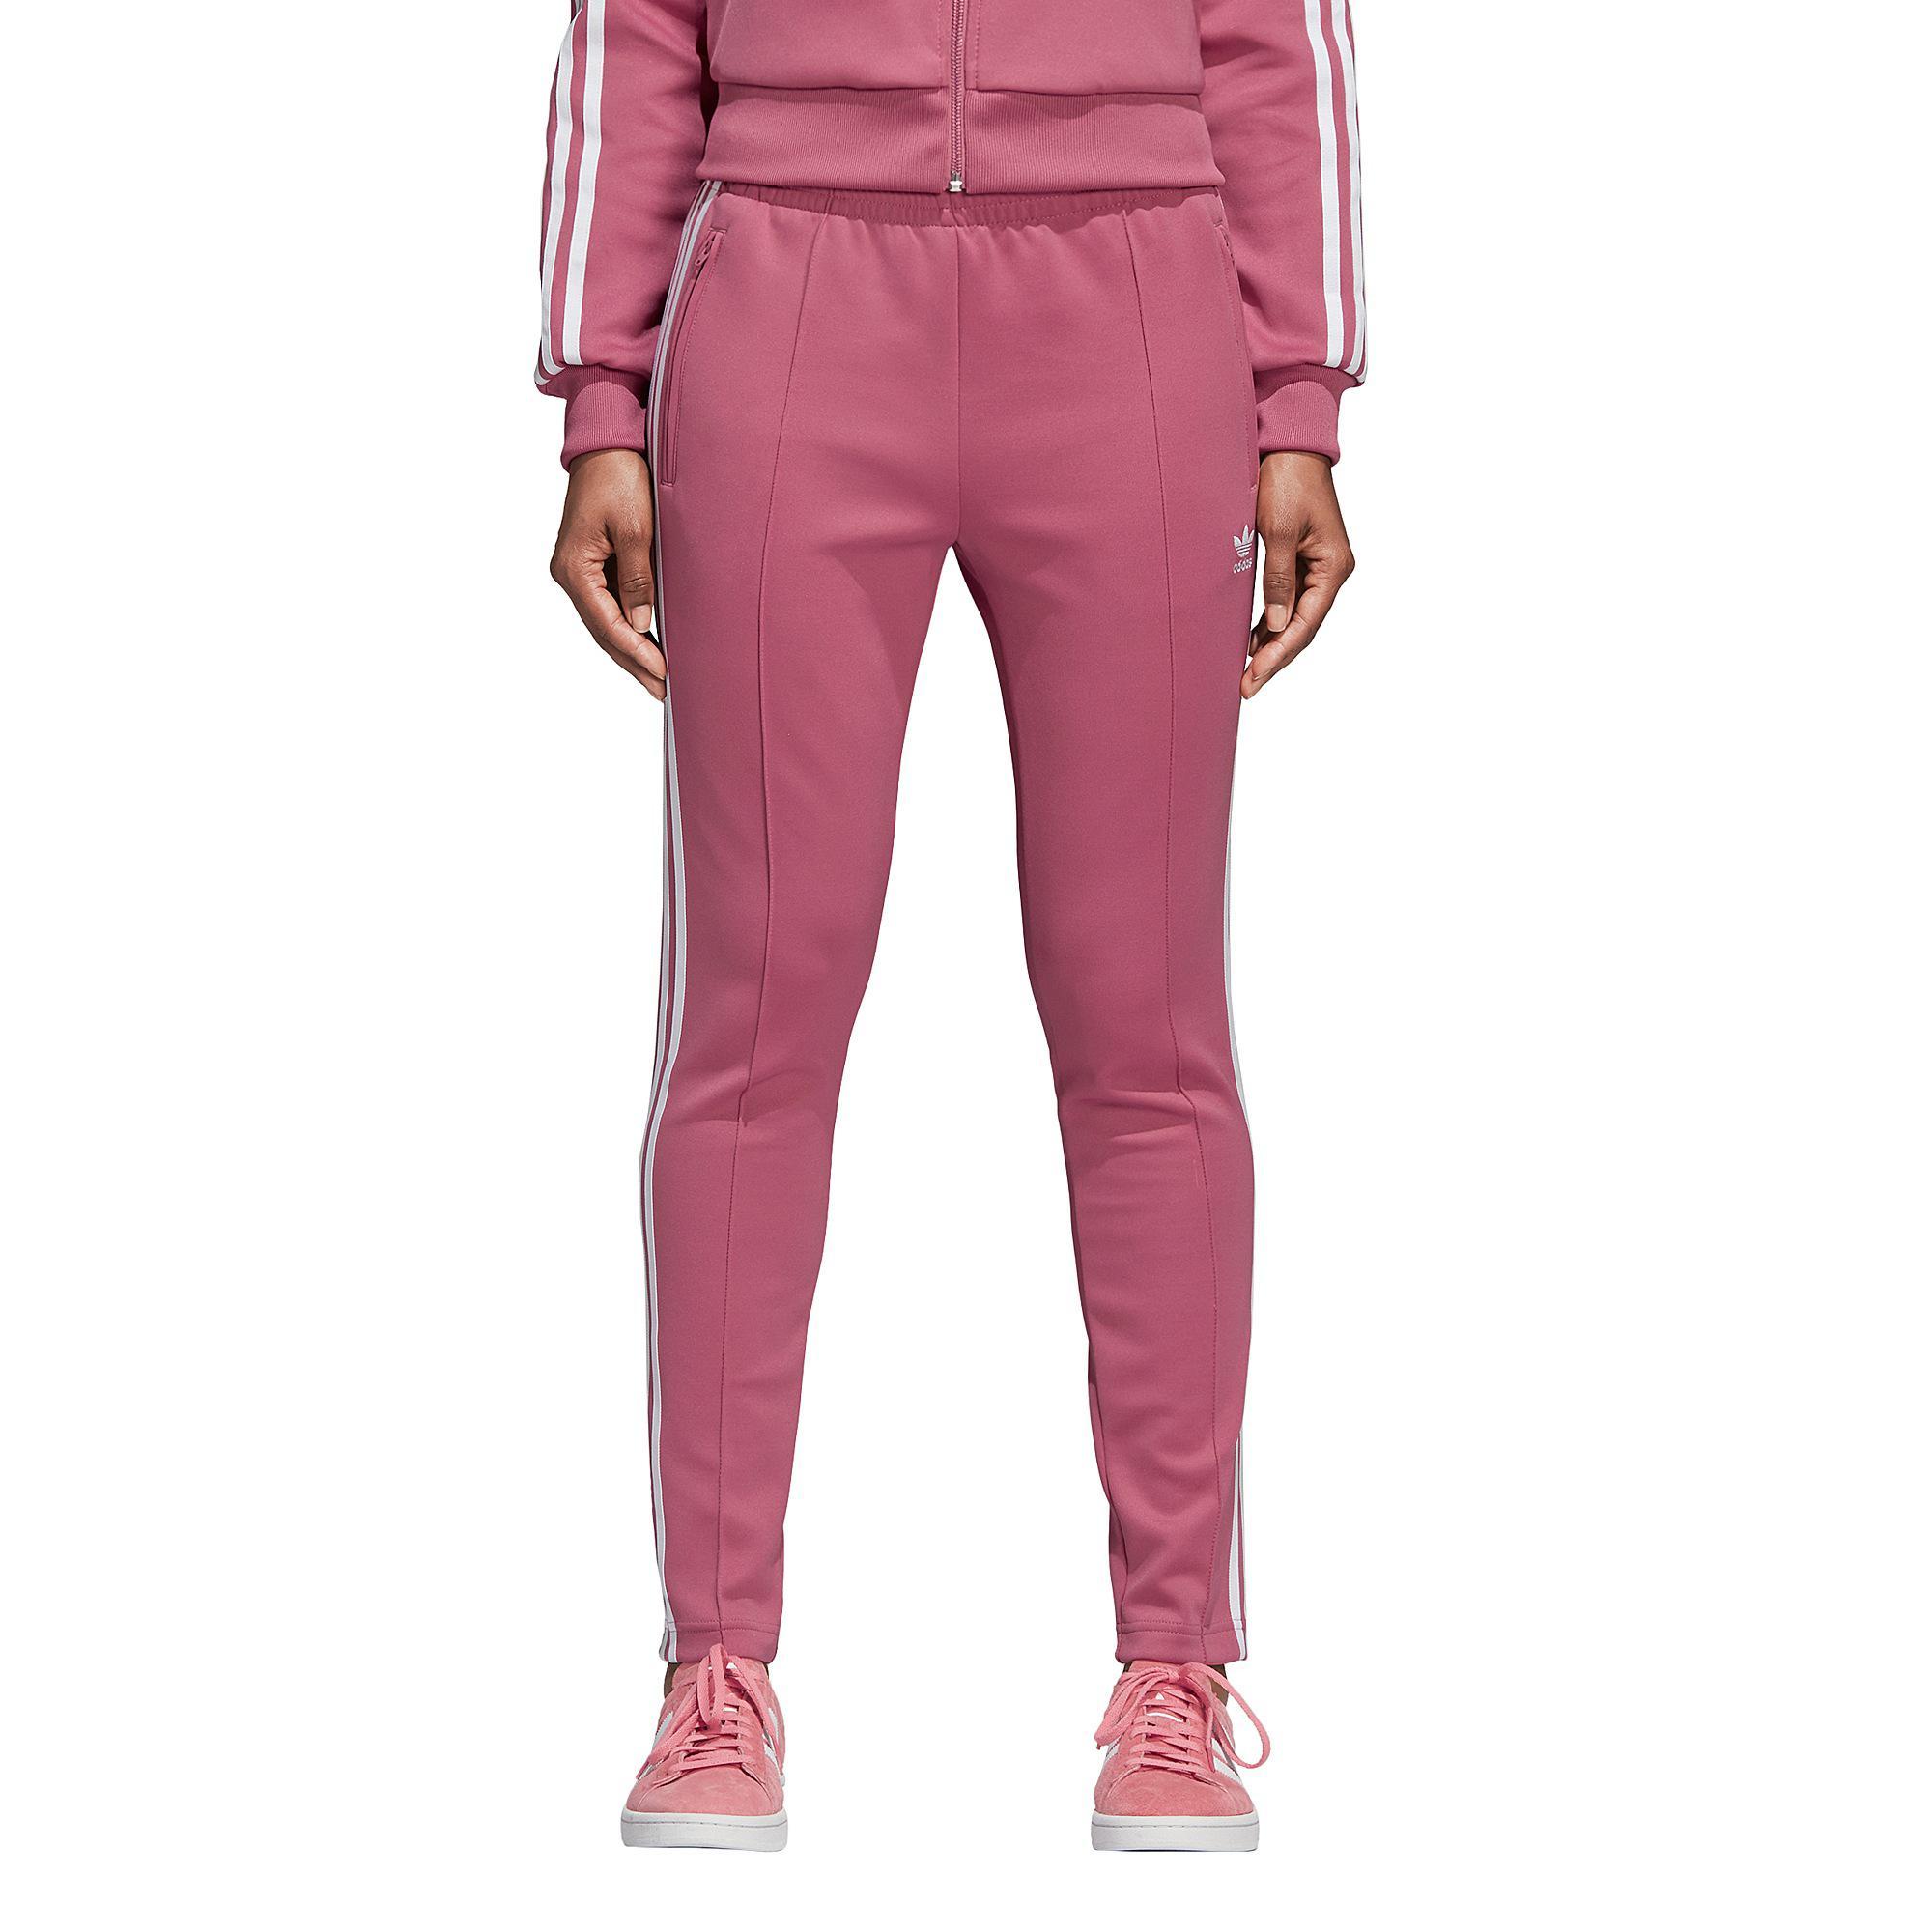 60fa9a0f21c adidas Originals. Women's Adicolor Superstar Track Pants